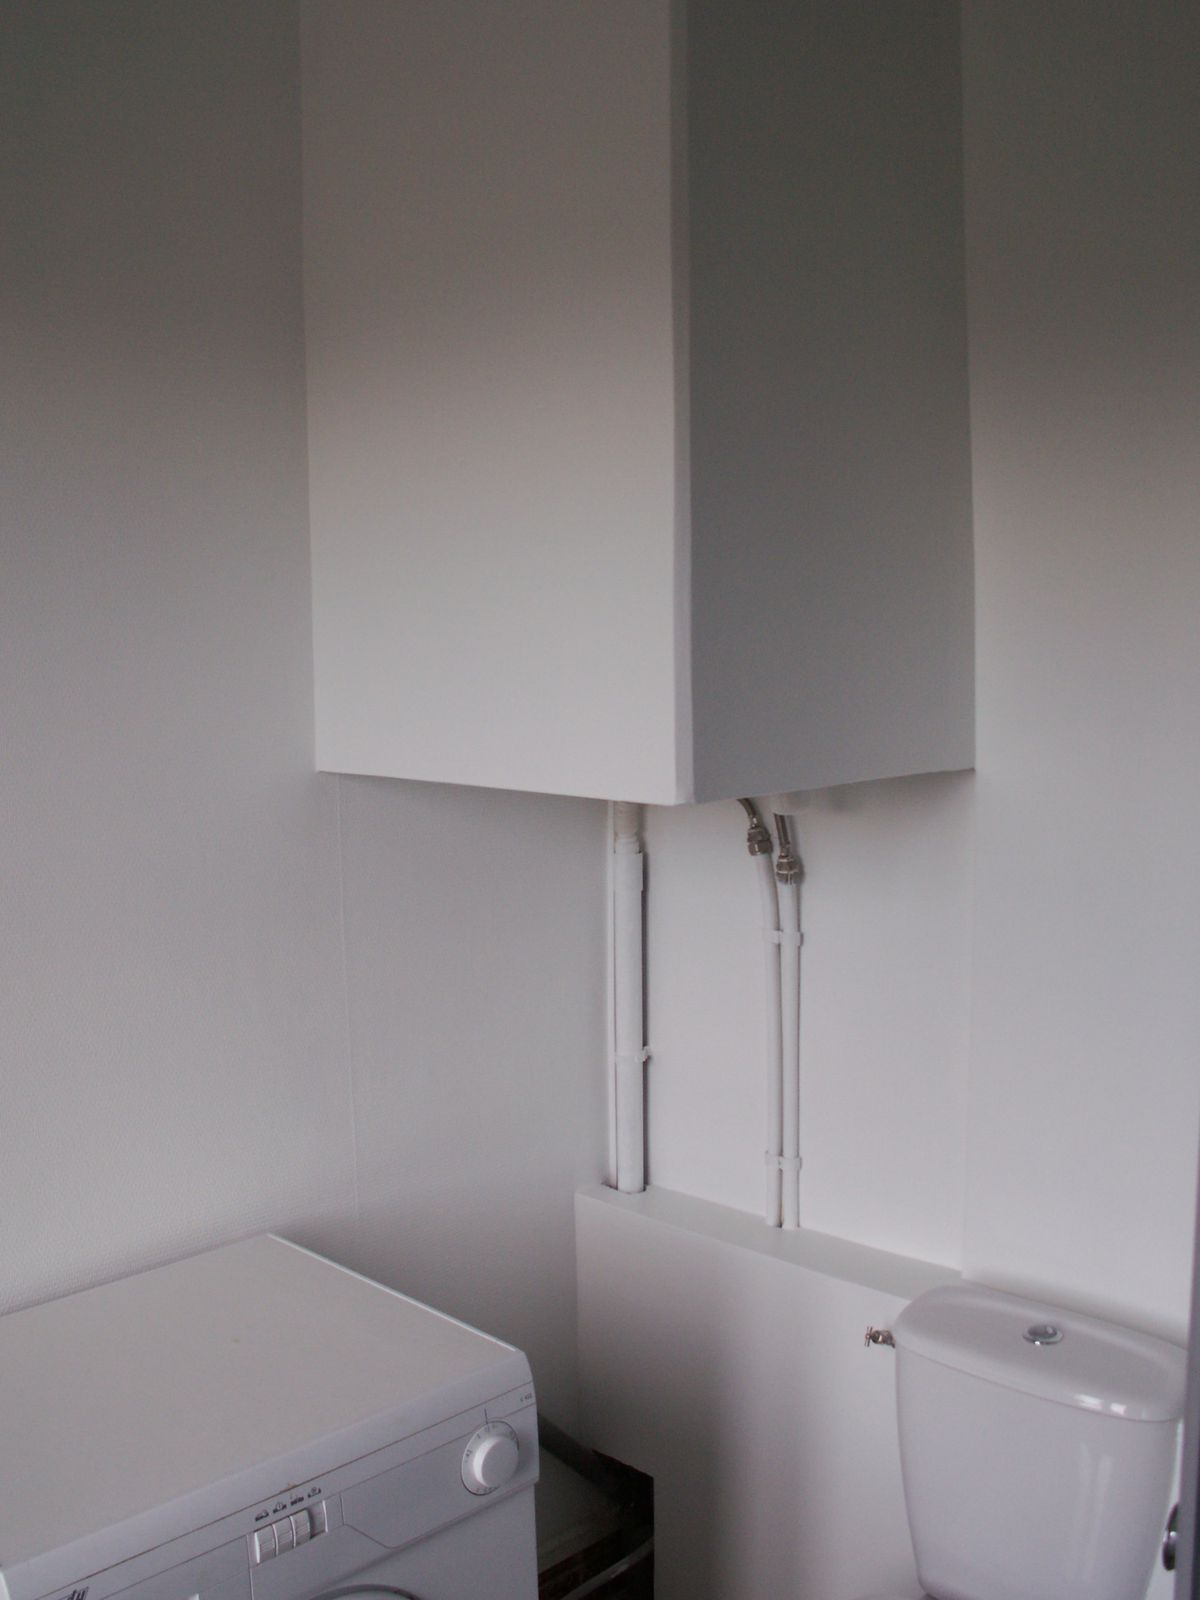 Nouvelle salle de bain prodigieux for Nouvelle salle de bain